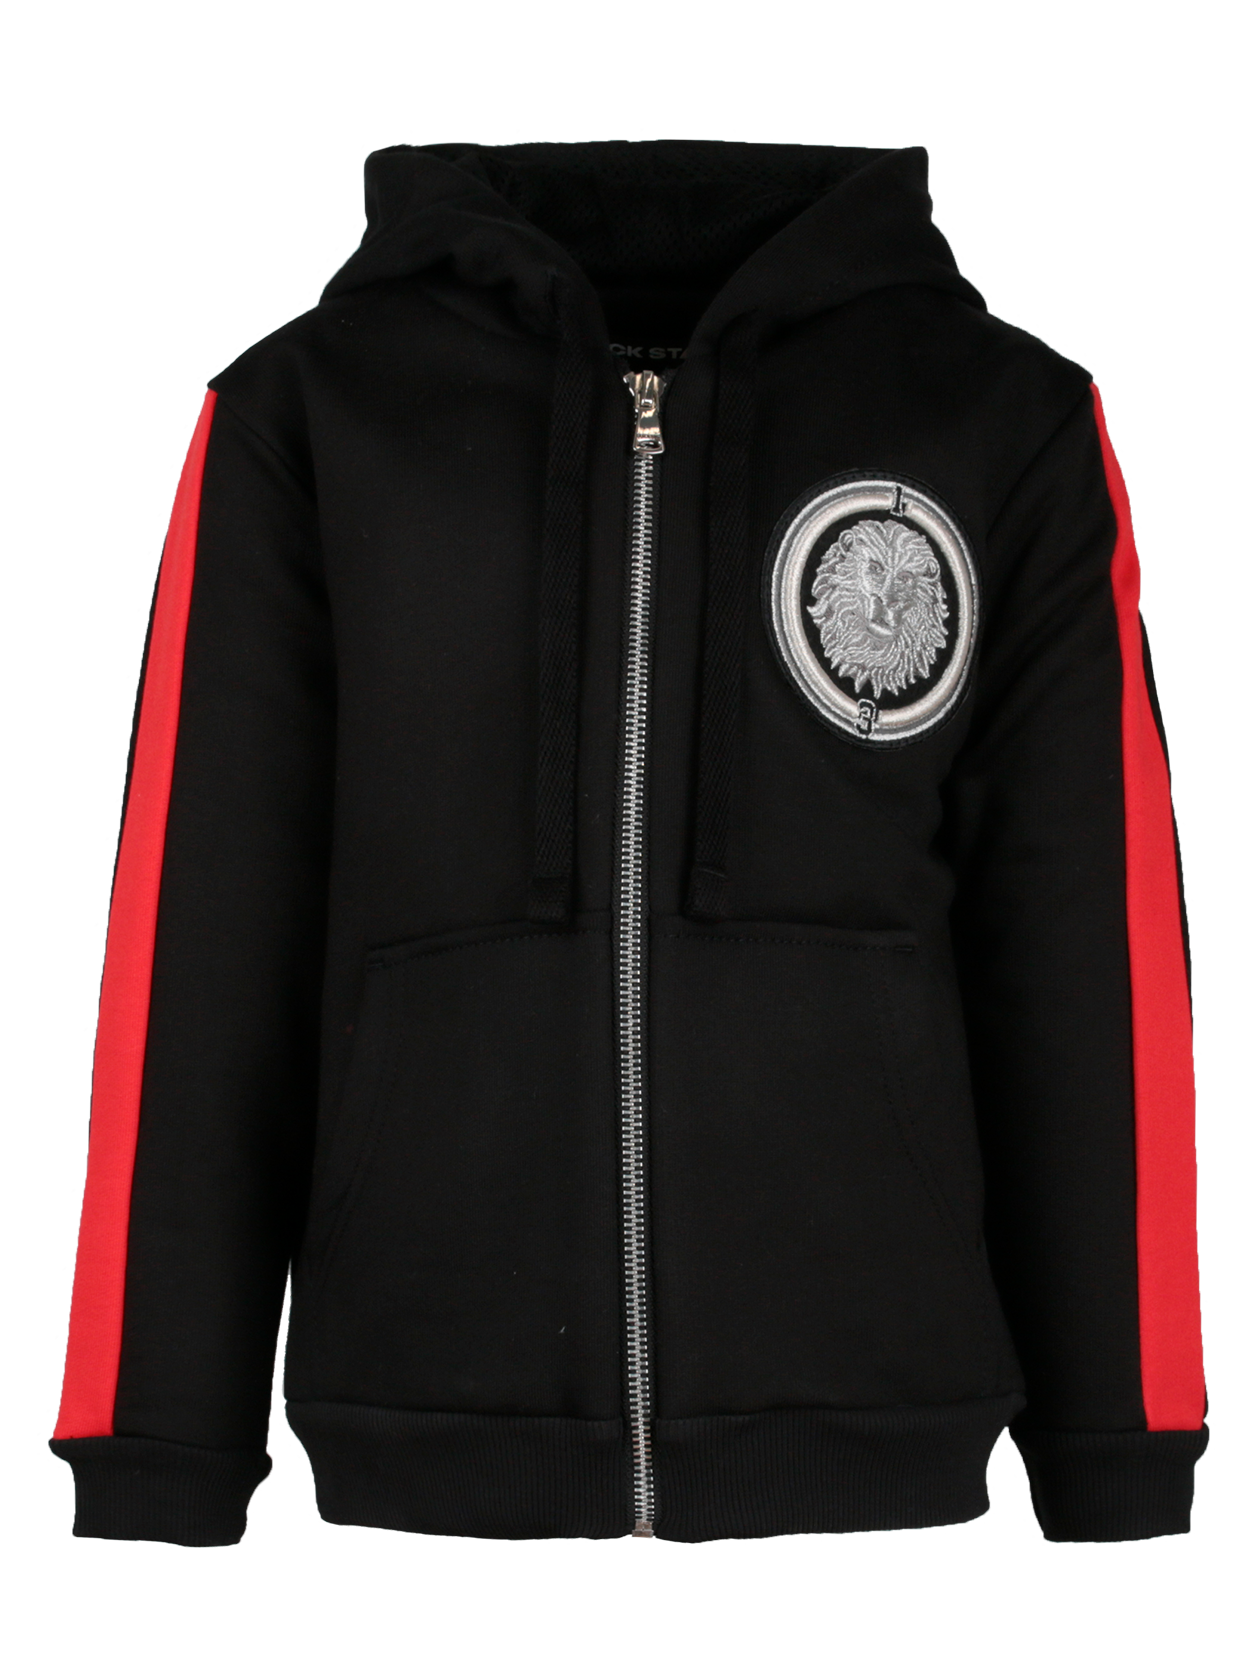 Костюм спортивный детский ROYALTY BLACK STARСтильный и практичный костюм спортивный детский Royalty Black Star станет незаменимой вещью в повседневном гардеробе. Лаконичная черная расцветка, дополненная красными вставками на рукавах, подходит для частой носки. Комплект представлен толстовкой на молнии с капюшоном и большими карманами. На груди оформлена круглая вышивка с головой льва в стилистике бренда Black Star. Манжеты и основание низа отделаны трикотажной резинкой высокого качества. Брюки имеют прямой силуэт, эластичный фиксирующий пояс и узкое голенище. Костюм спортивный создан из премиального хлопка.<br><br>Размер: 9-10 years<br>Цвет: Черный<br>Пол: Унисекс